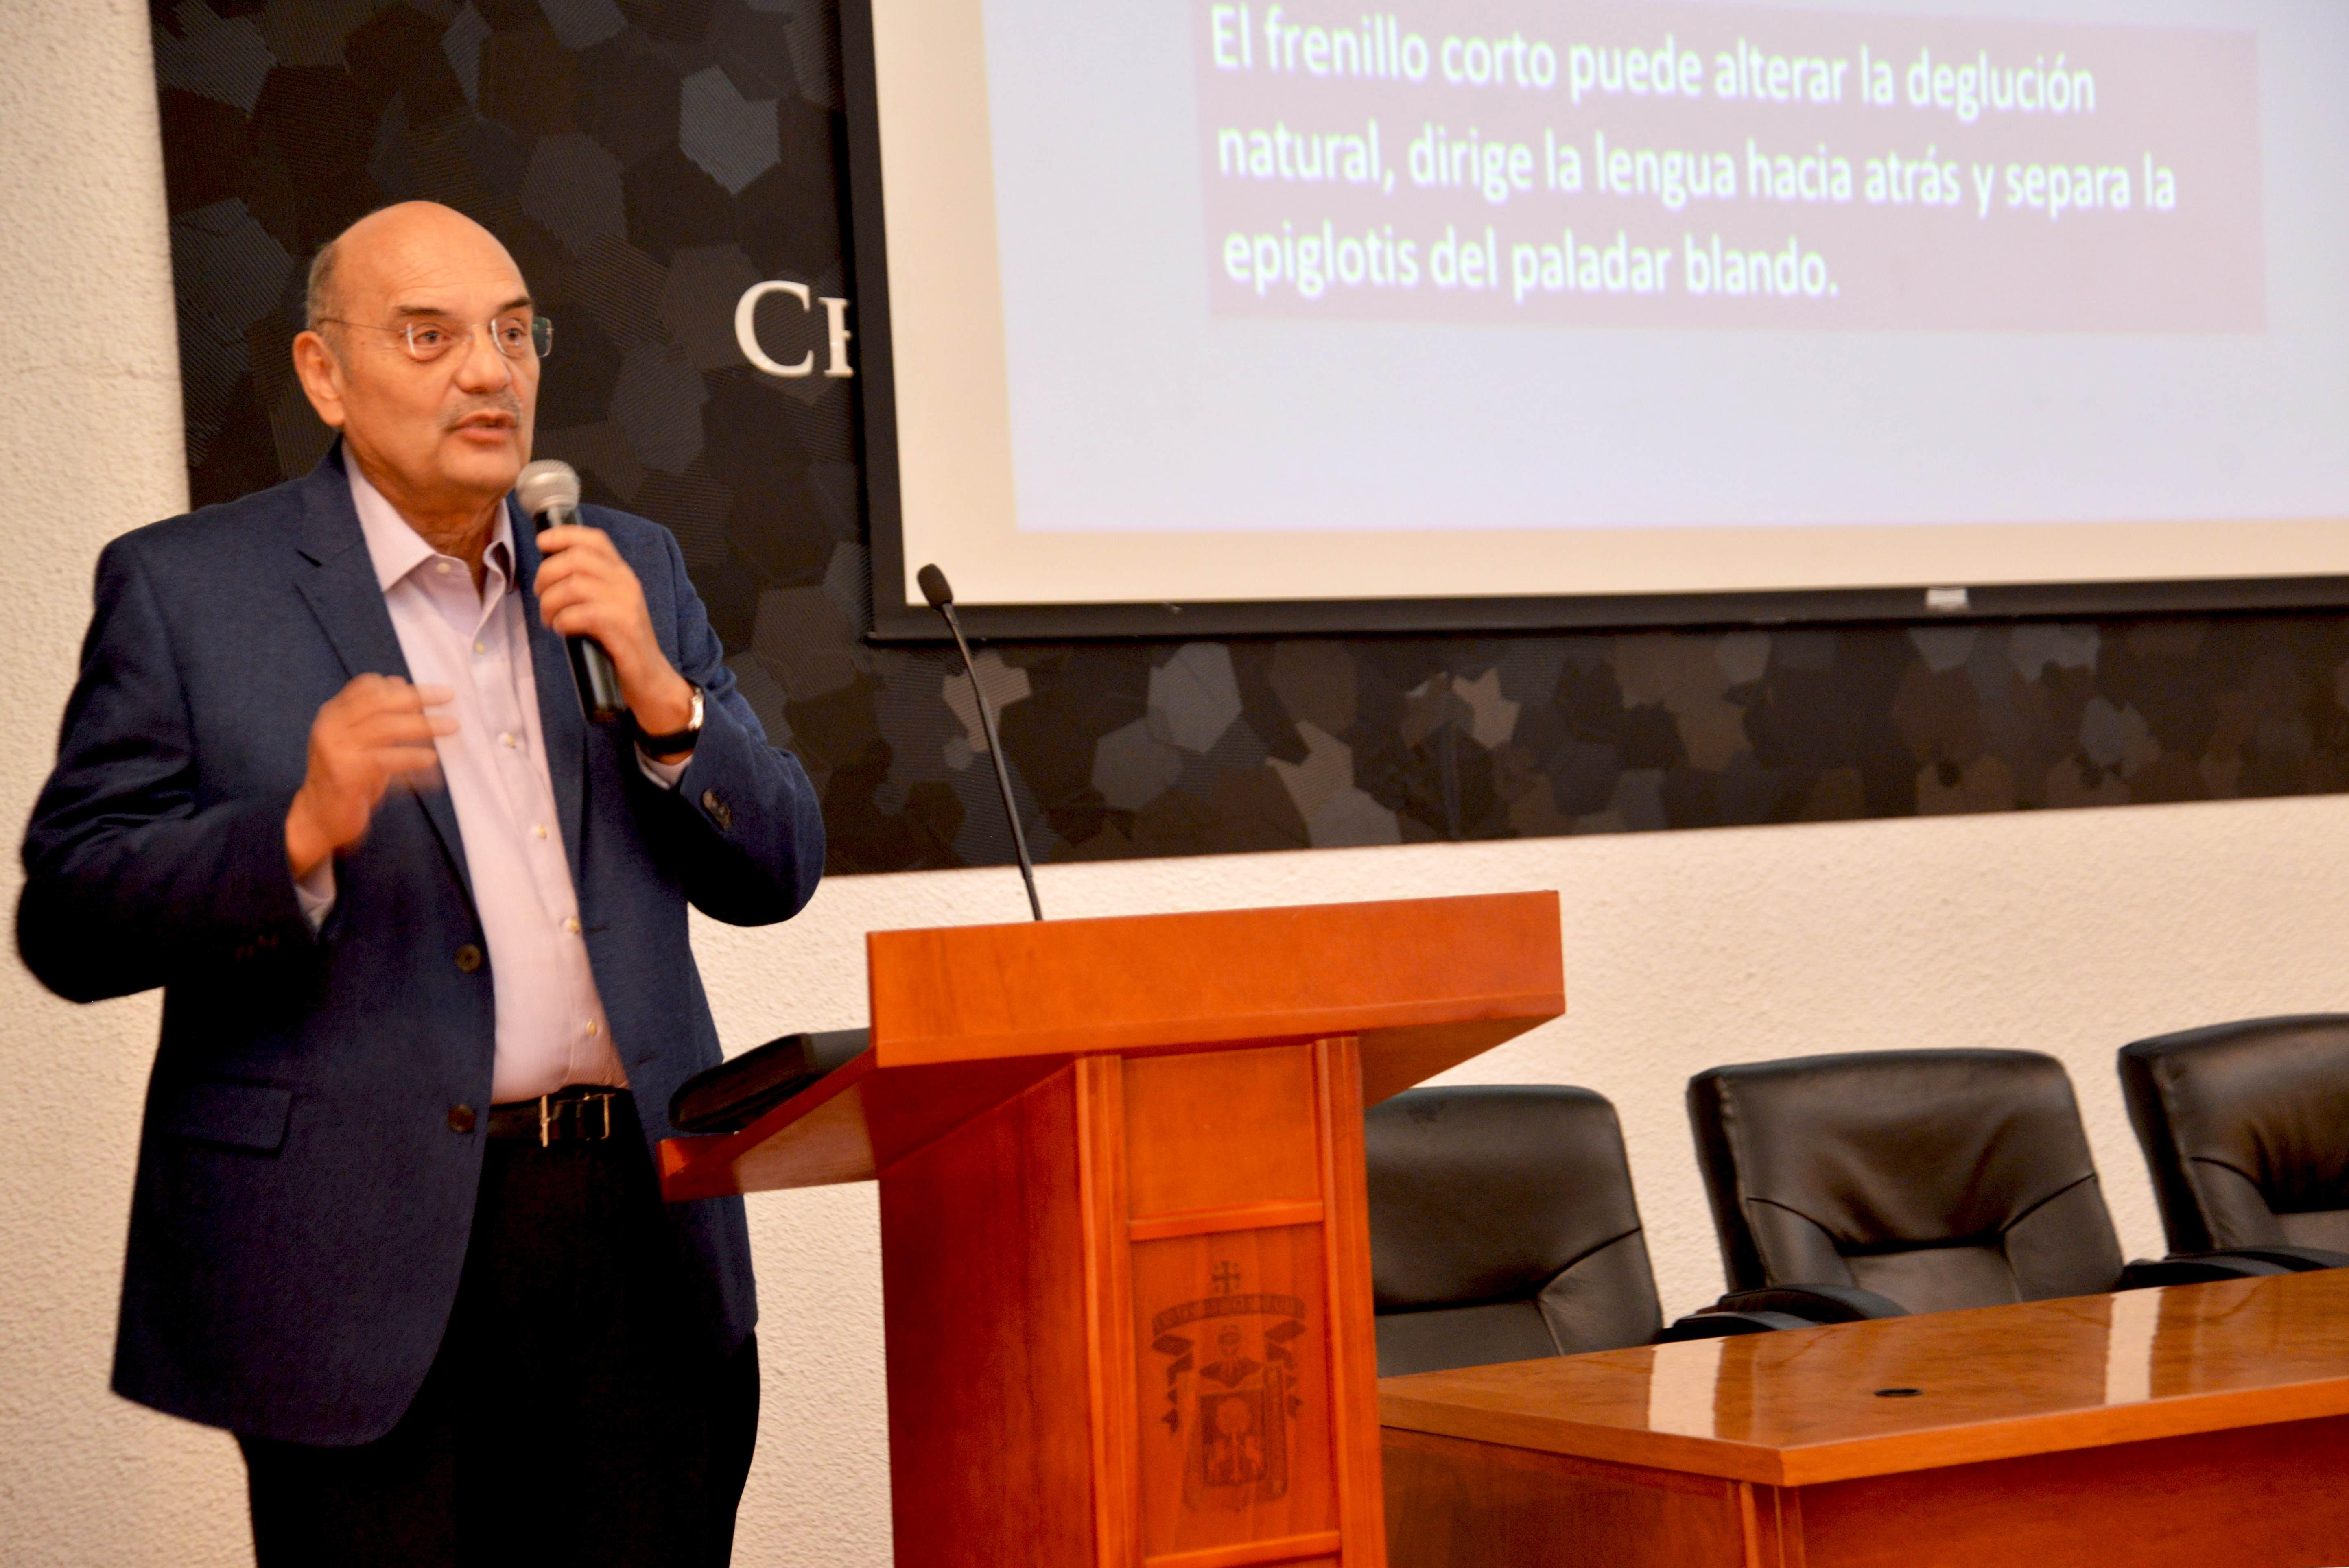 Dr. Pedro Arenas Aréchiga impartiendo conferencia en CUCS